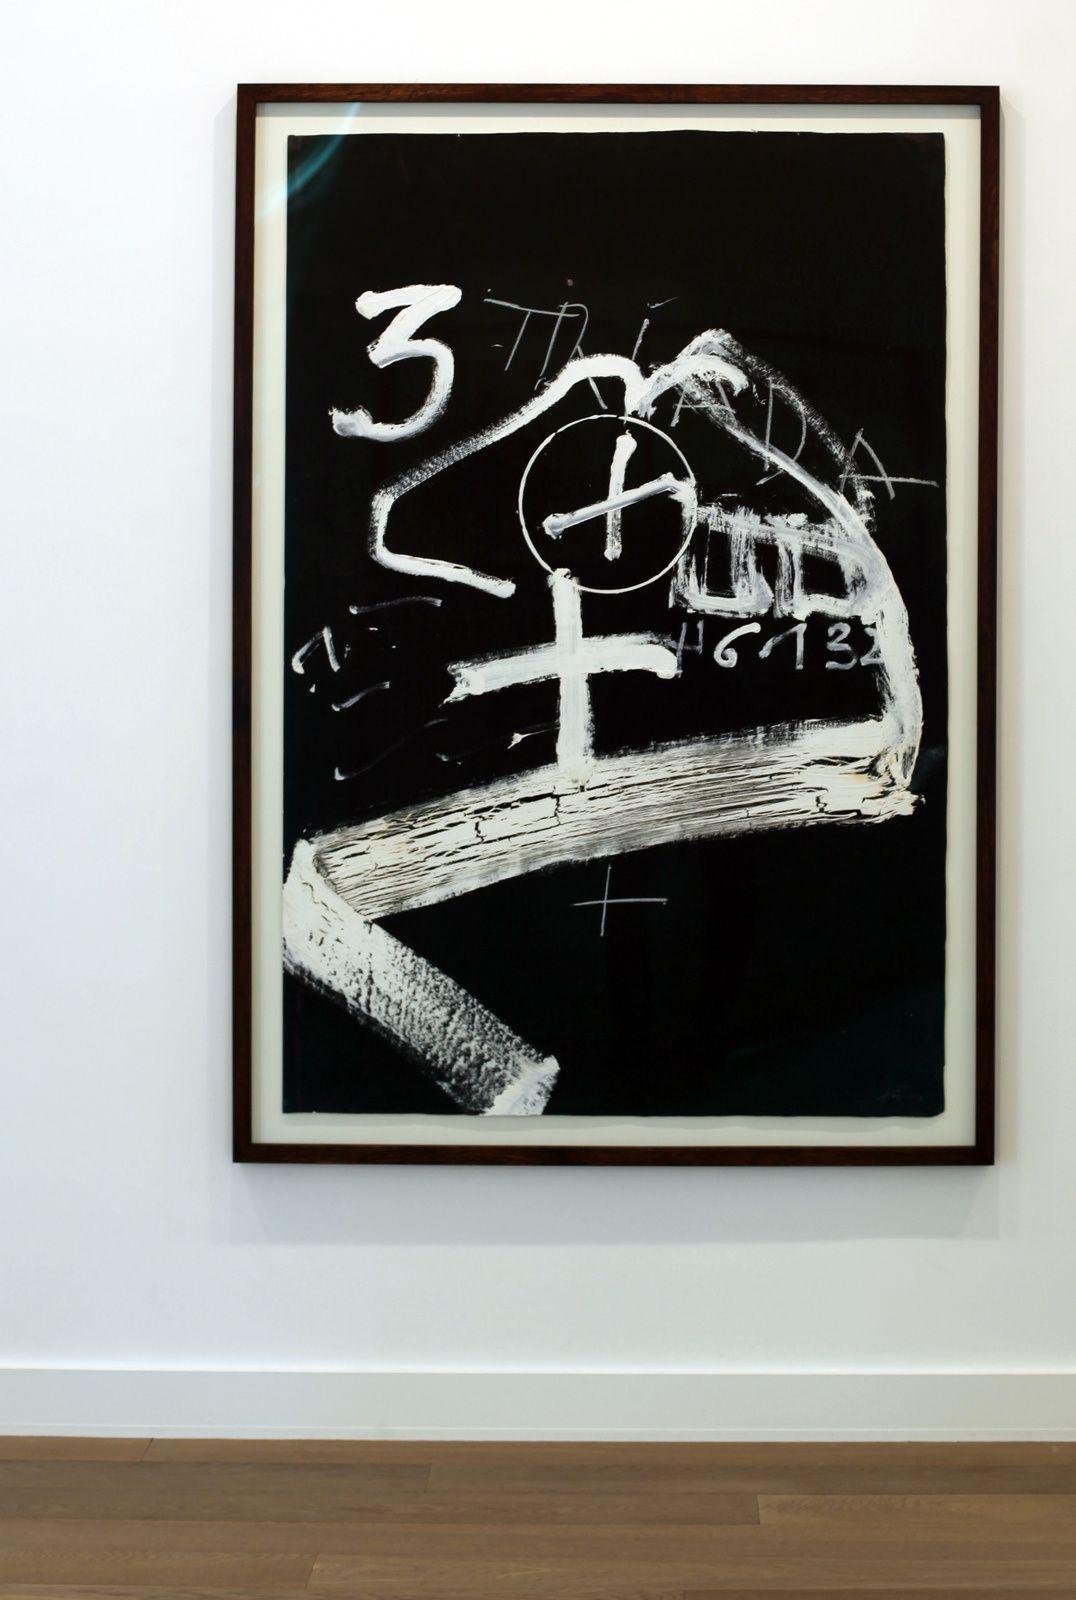 """""""Signes blancs sobre fons negre"""", 1994 d'Antoni TÀPIES - Courtesy Galerie Lelong © Photo Éric Simon"""